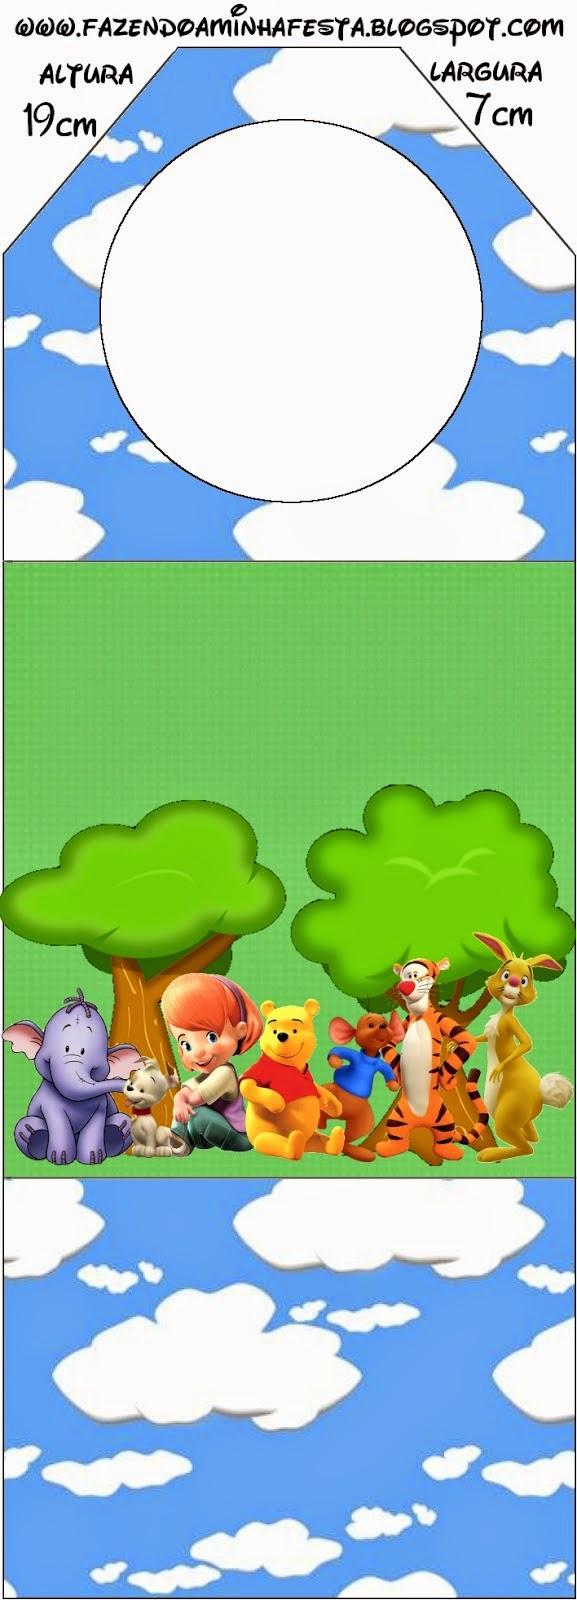 Para marcapáginas de Winnie the Pooh.